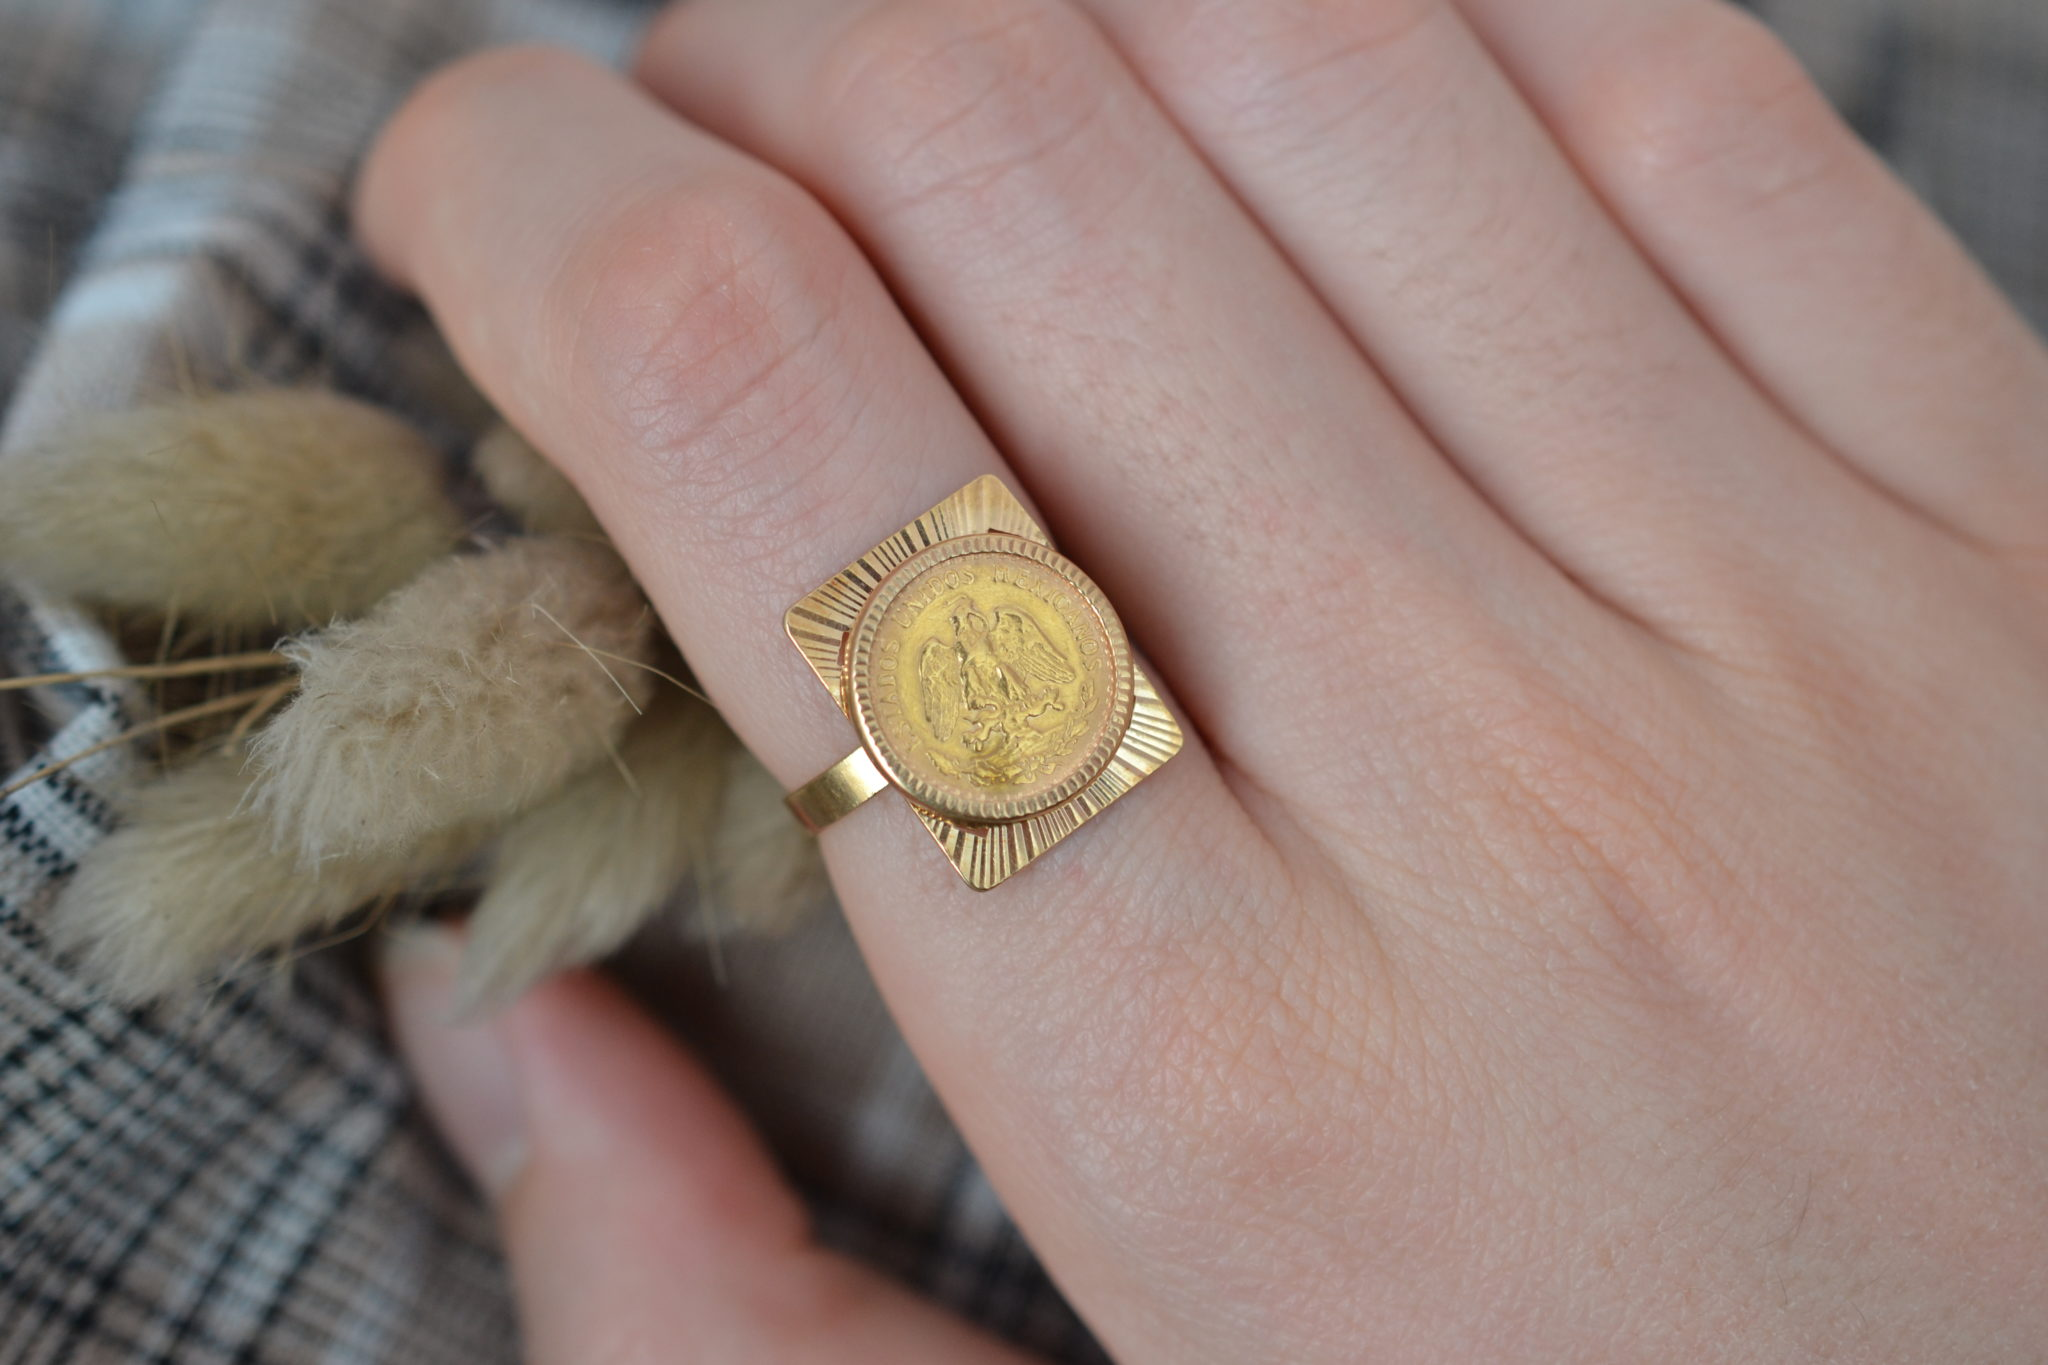 Bague en Or jaune surmontée d_une plaque rectangulaire et d_une pièce en or jaune _estados unidos mexicanos_ - bague de seconde main